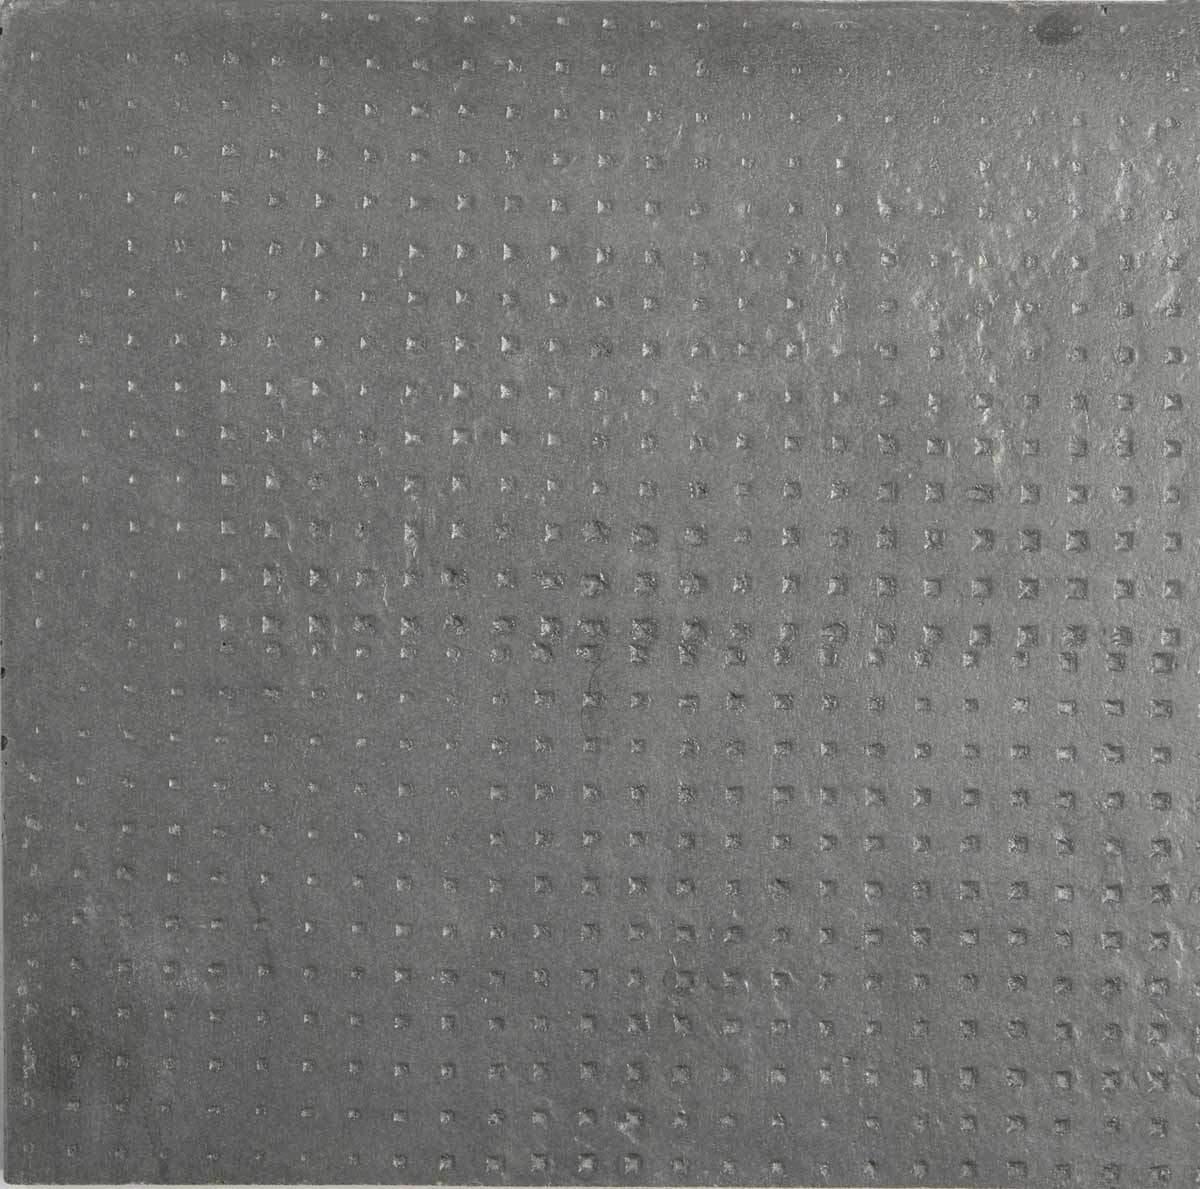 carrelage-béton-Bouchardé-gris-décoration-industrielle-loft